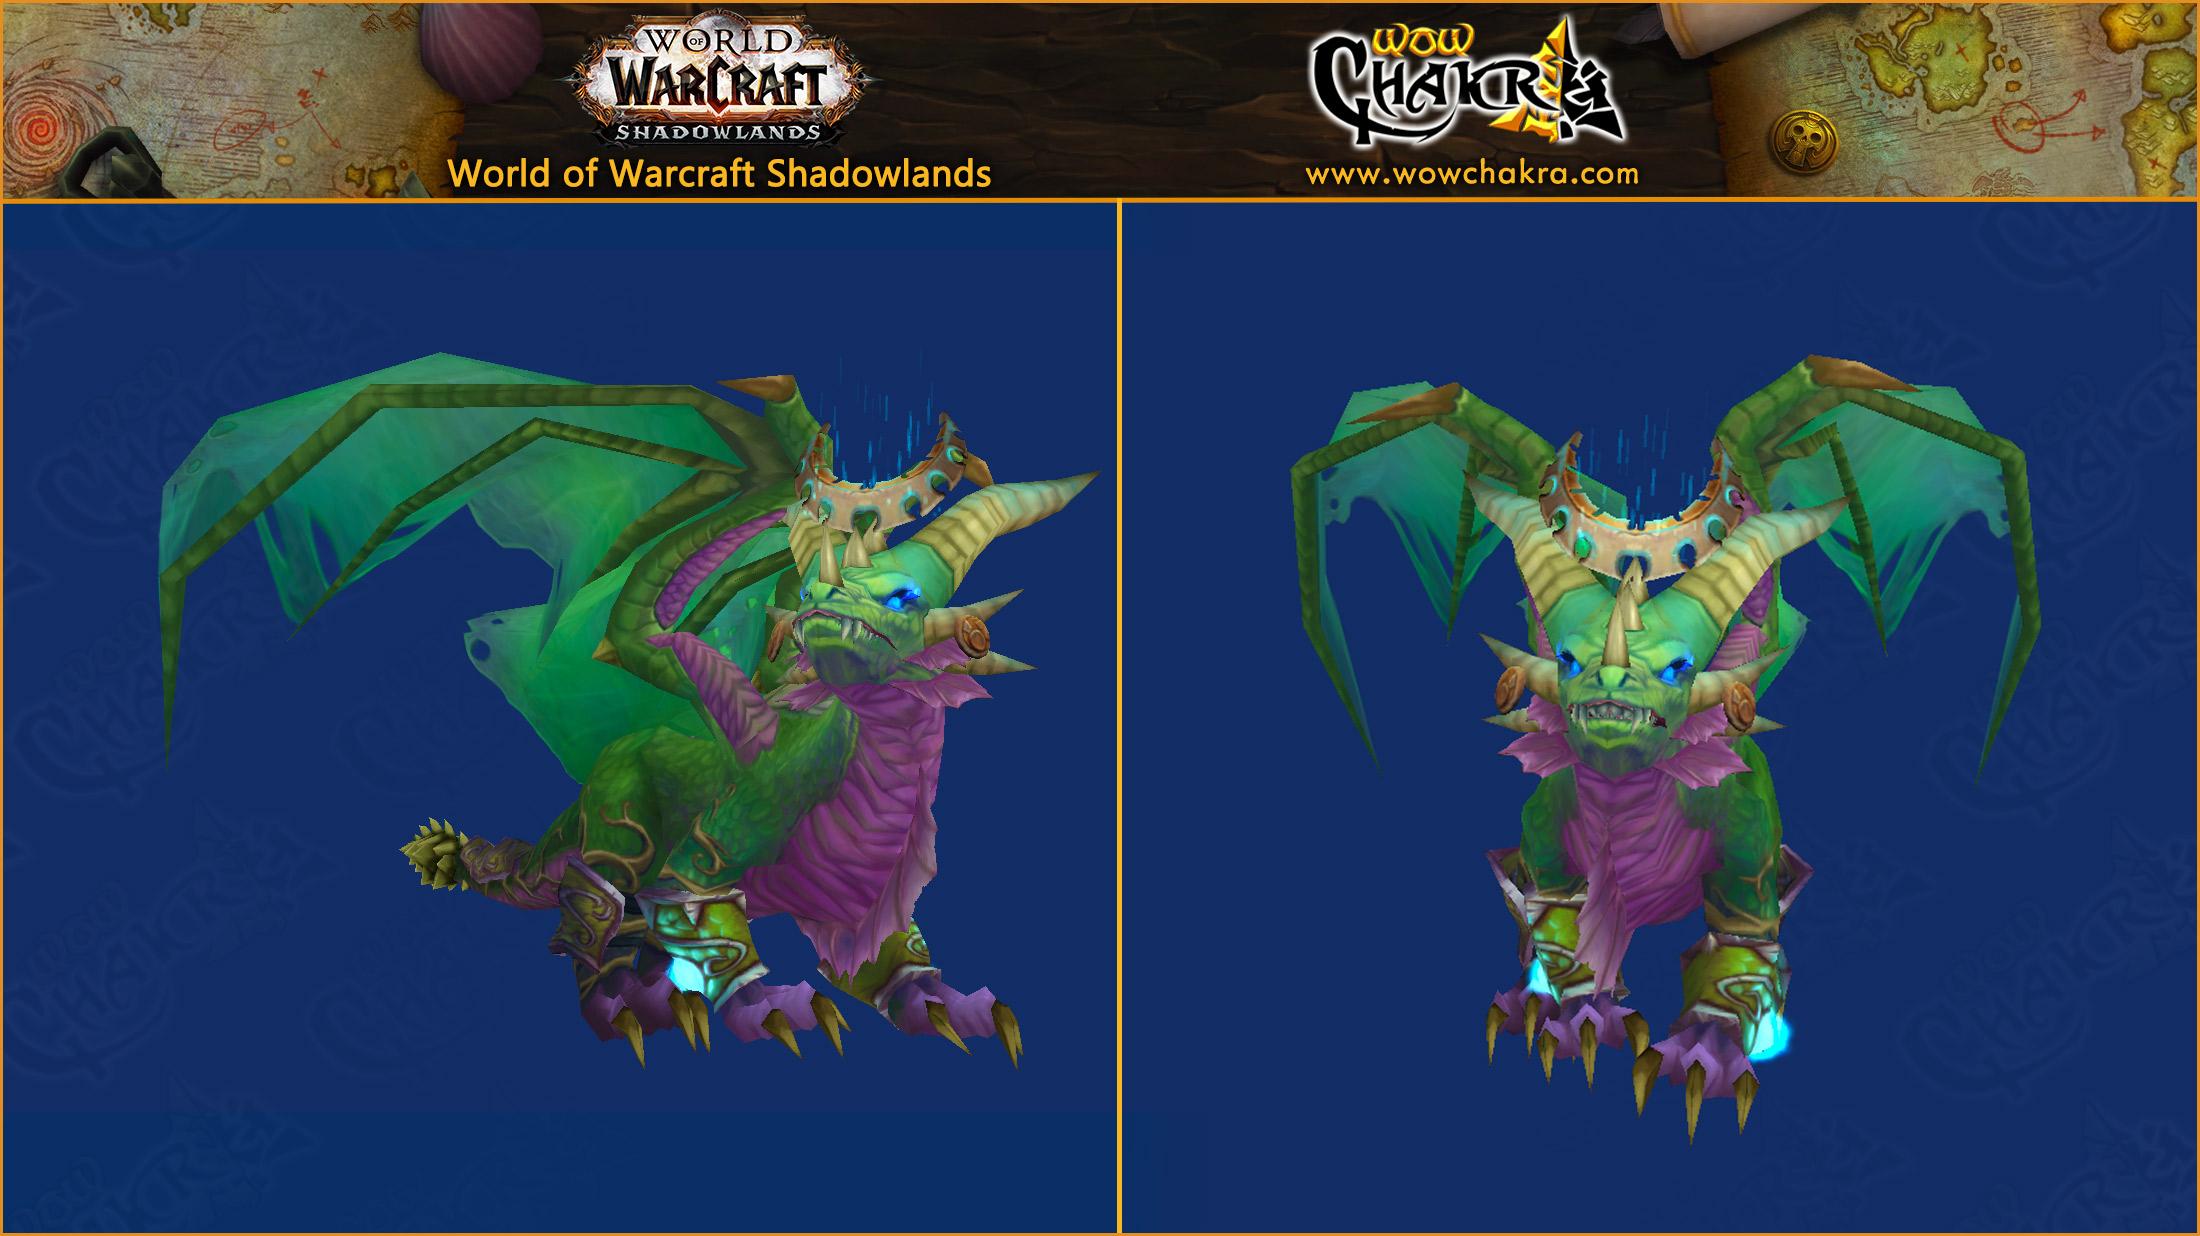 Nuevos modelos de personajes icónicos